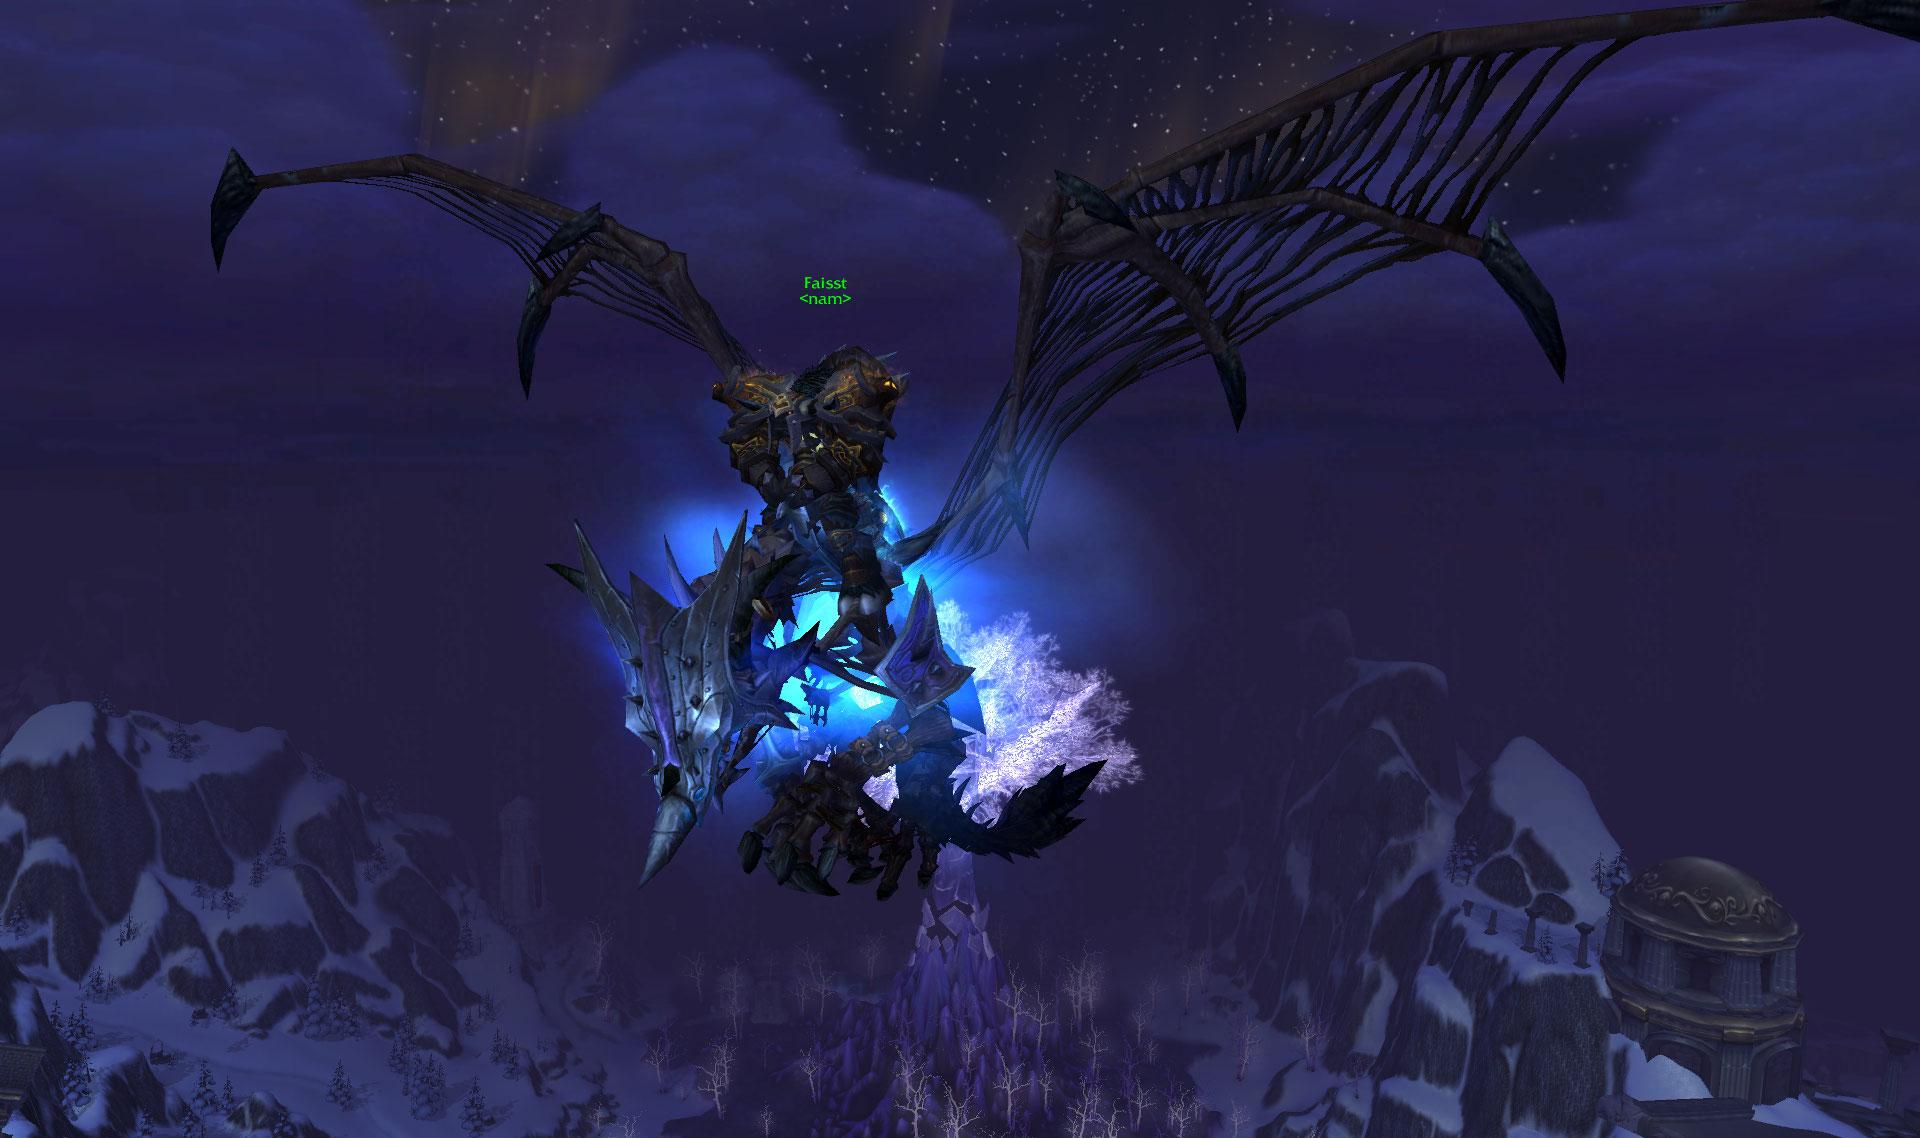 Fancy flying device